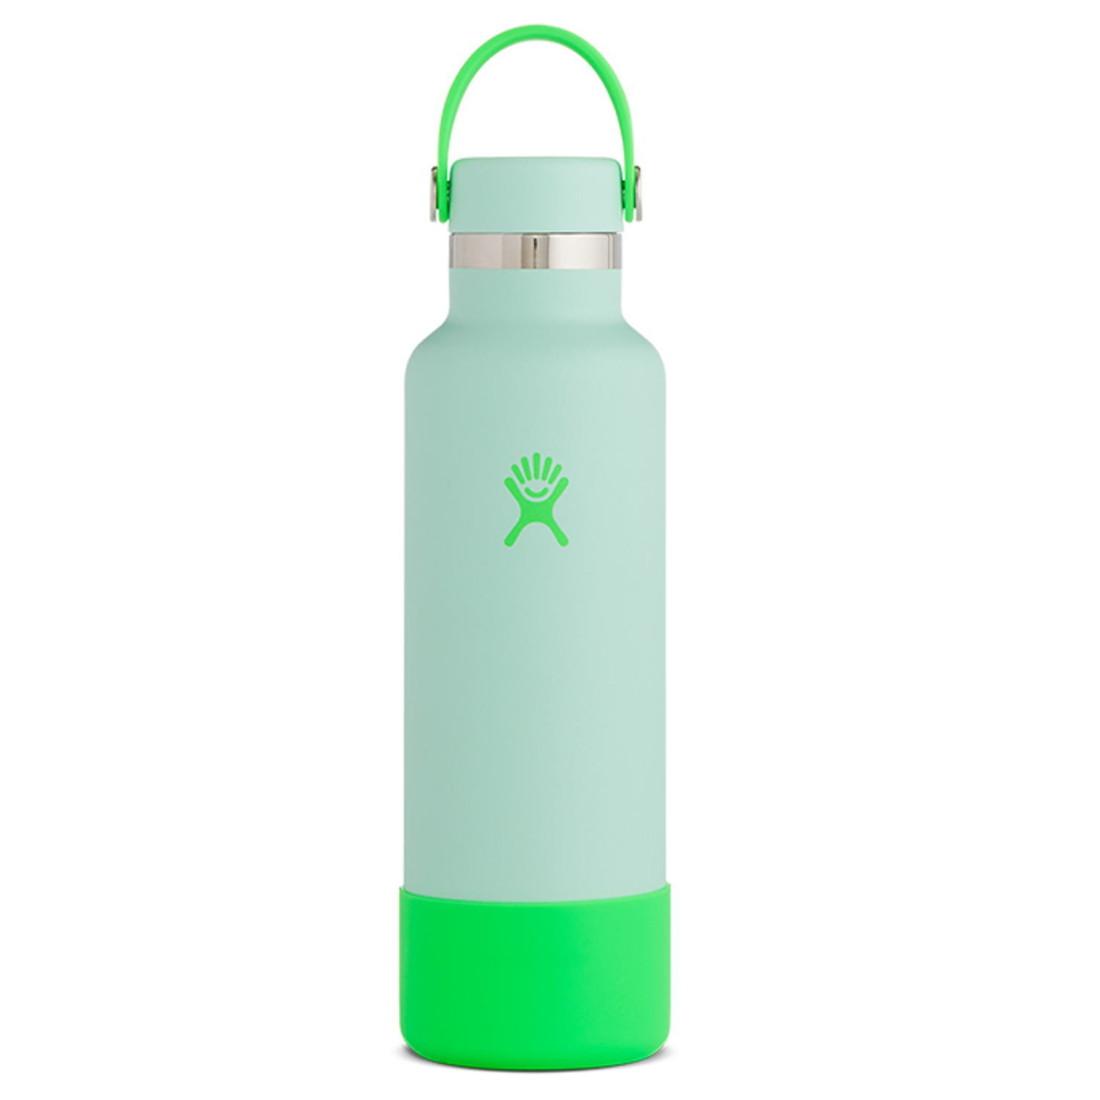 ハイドロフラスク スタンダードマウス 21oz プリズムポップ 保温 保冷 ボトル 水筒  国内正規品